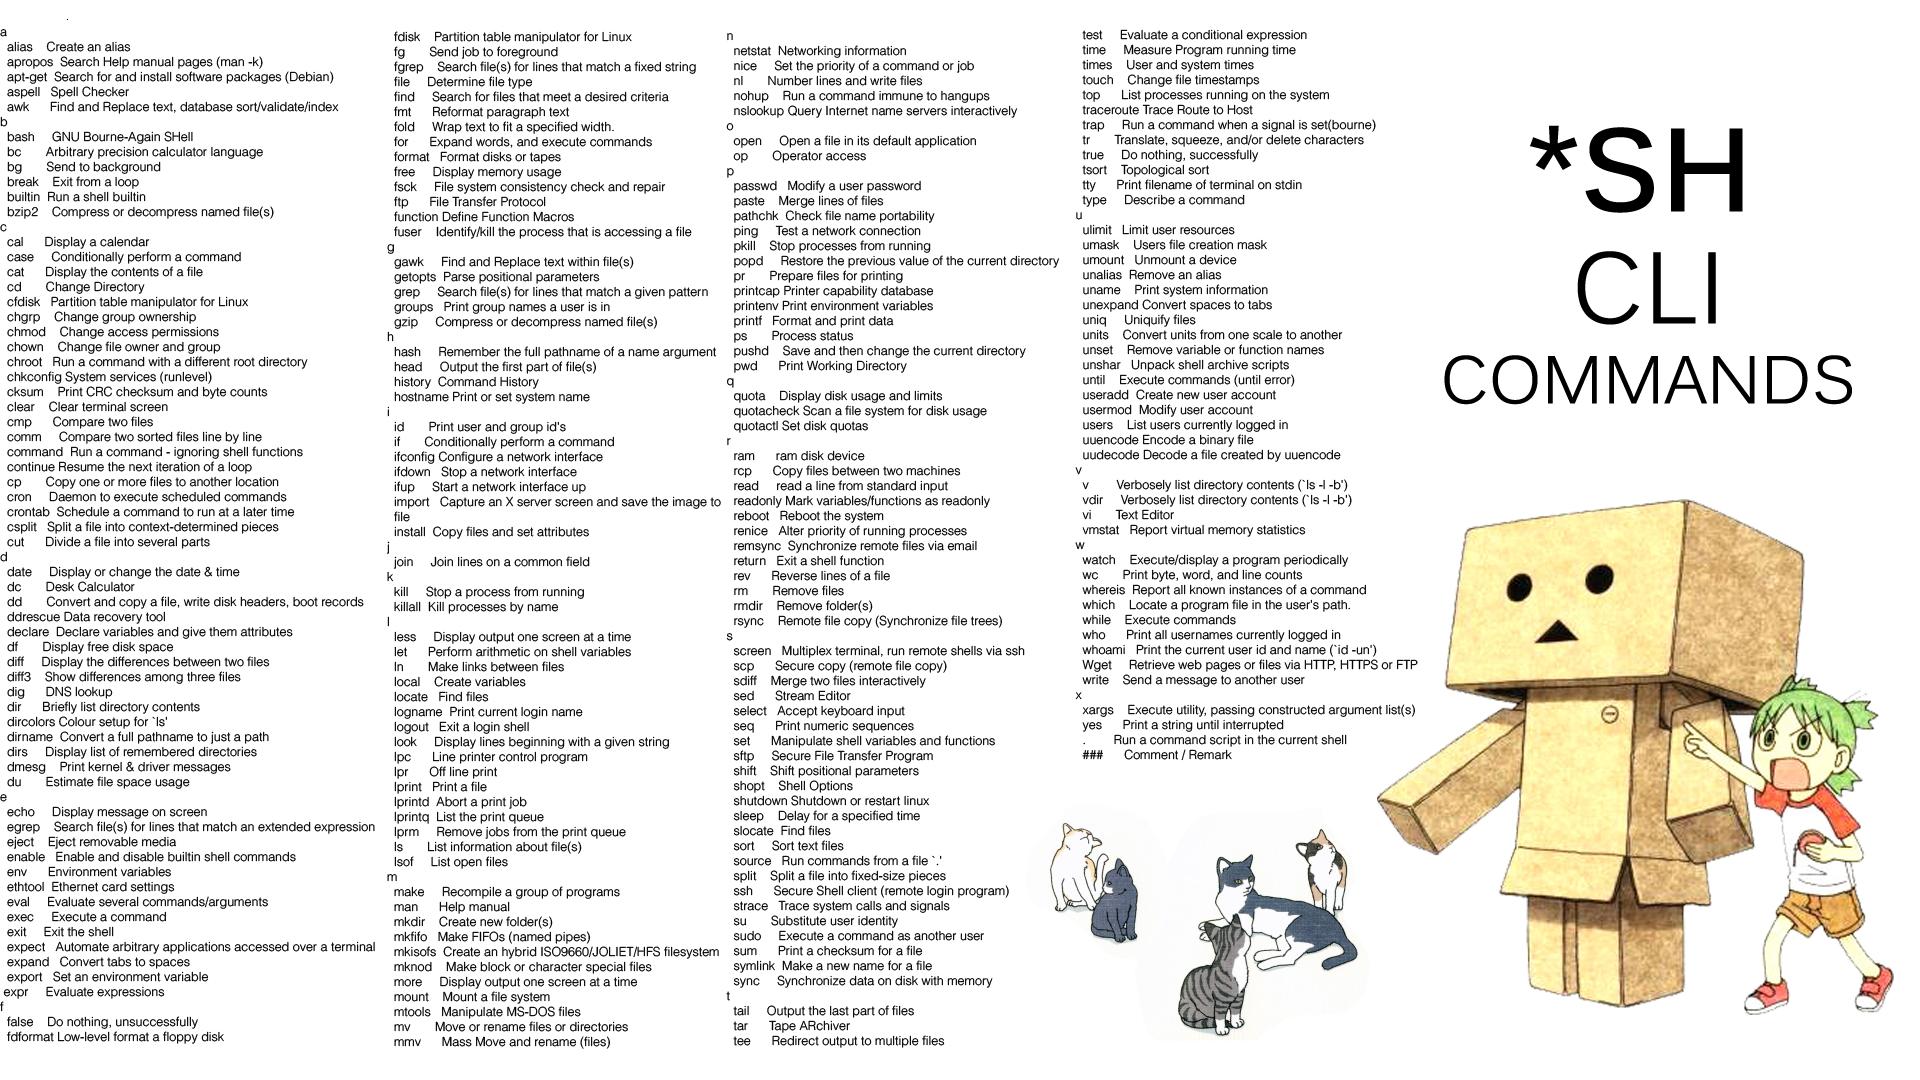 Linux/Unix commands - Graphics related commands-Part 11